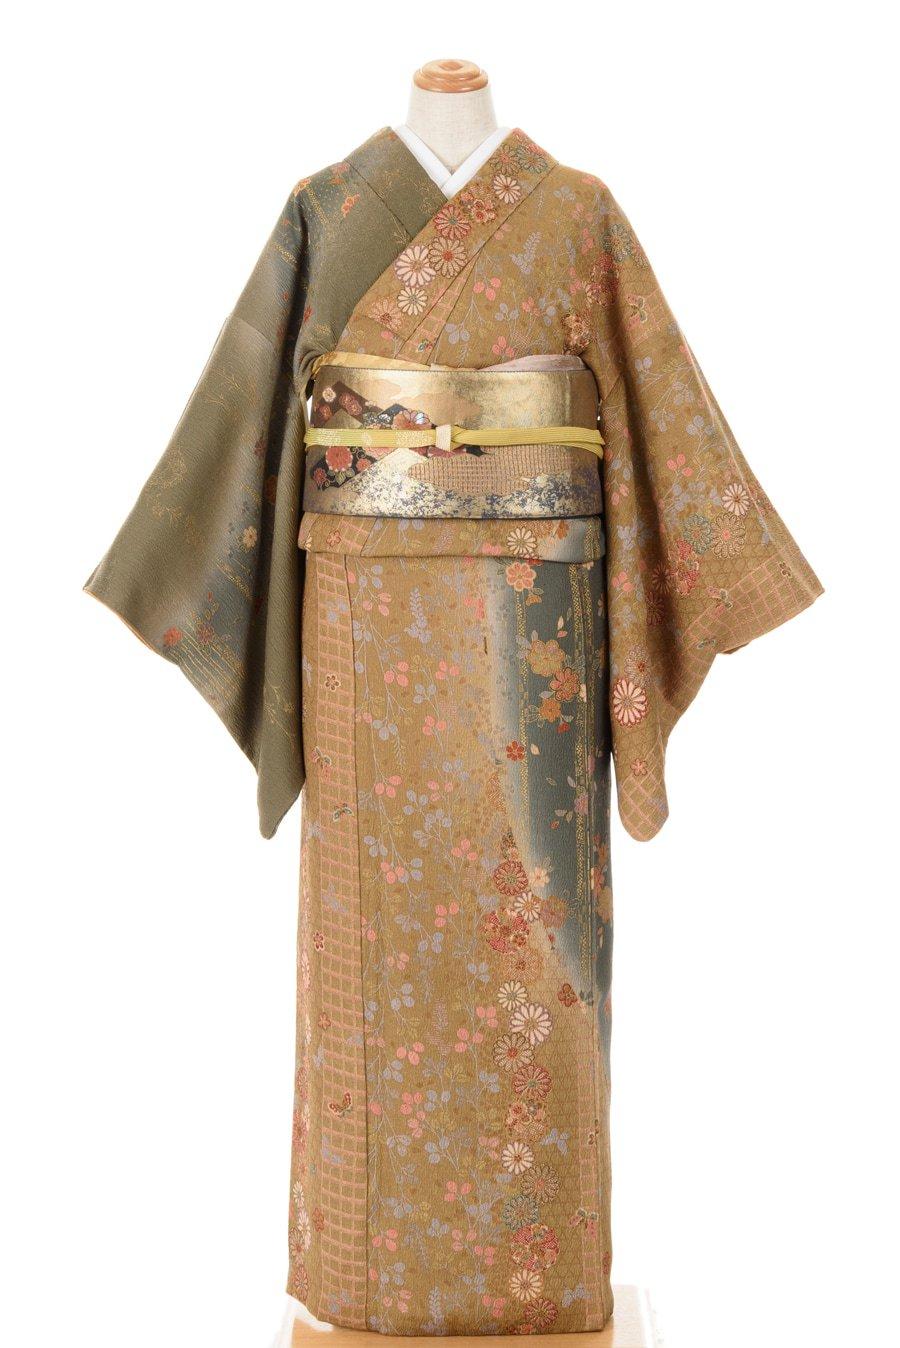 「4点セット*総柄訪問着 菊・桜・萩 スワトウ刺繍袋帯」の商品画像